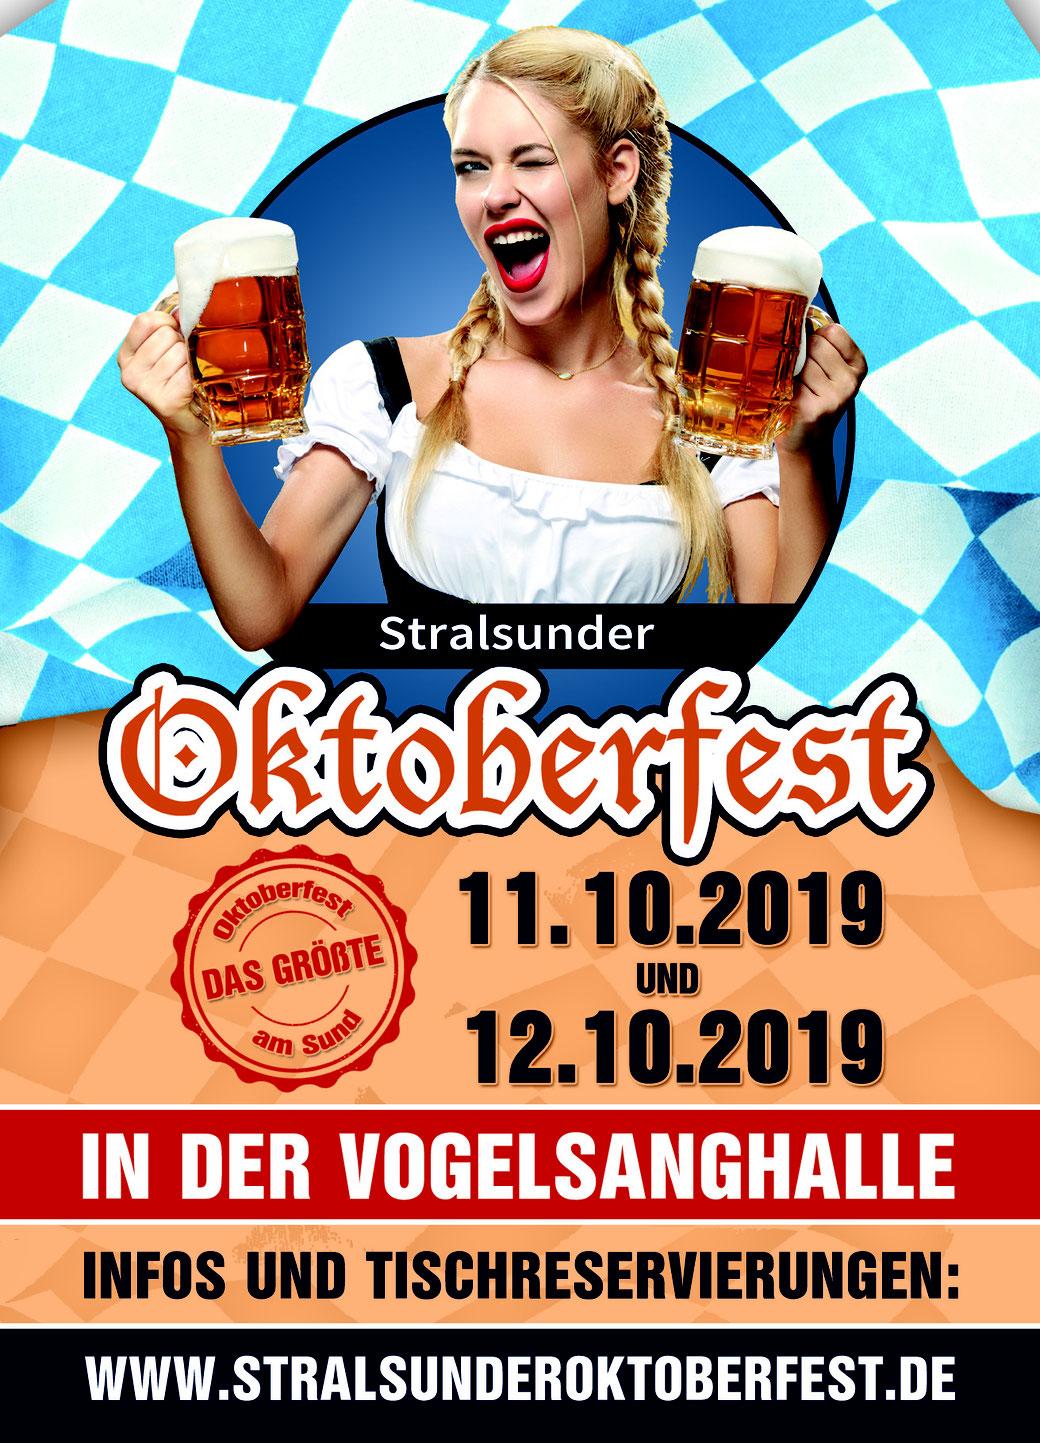 Stralsunder Oktoberfest, das größte Oktoberfest am Sund in Stralsund!